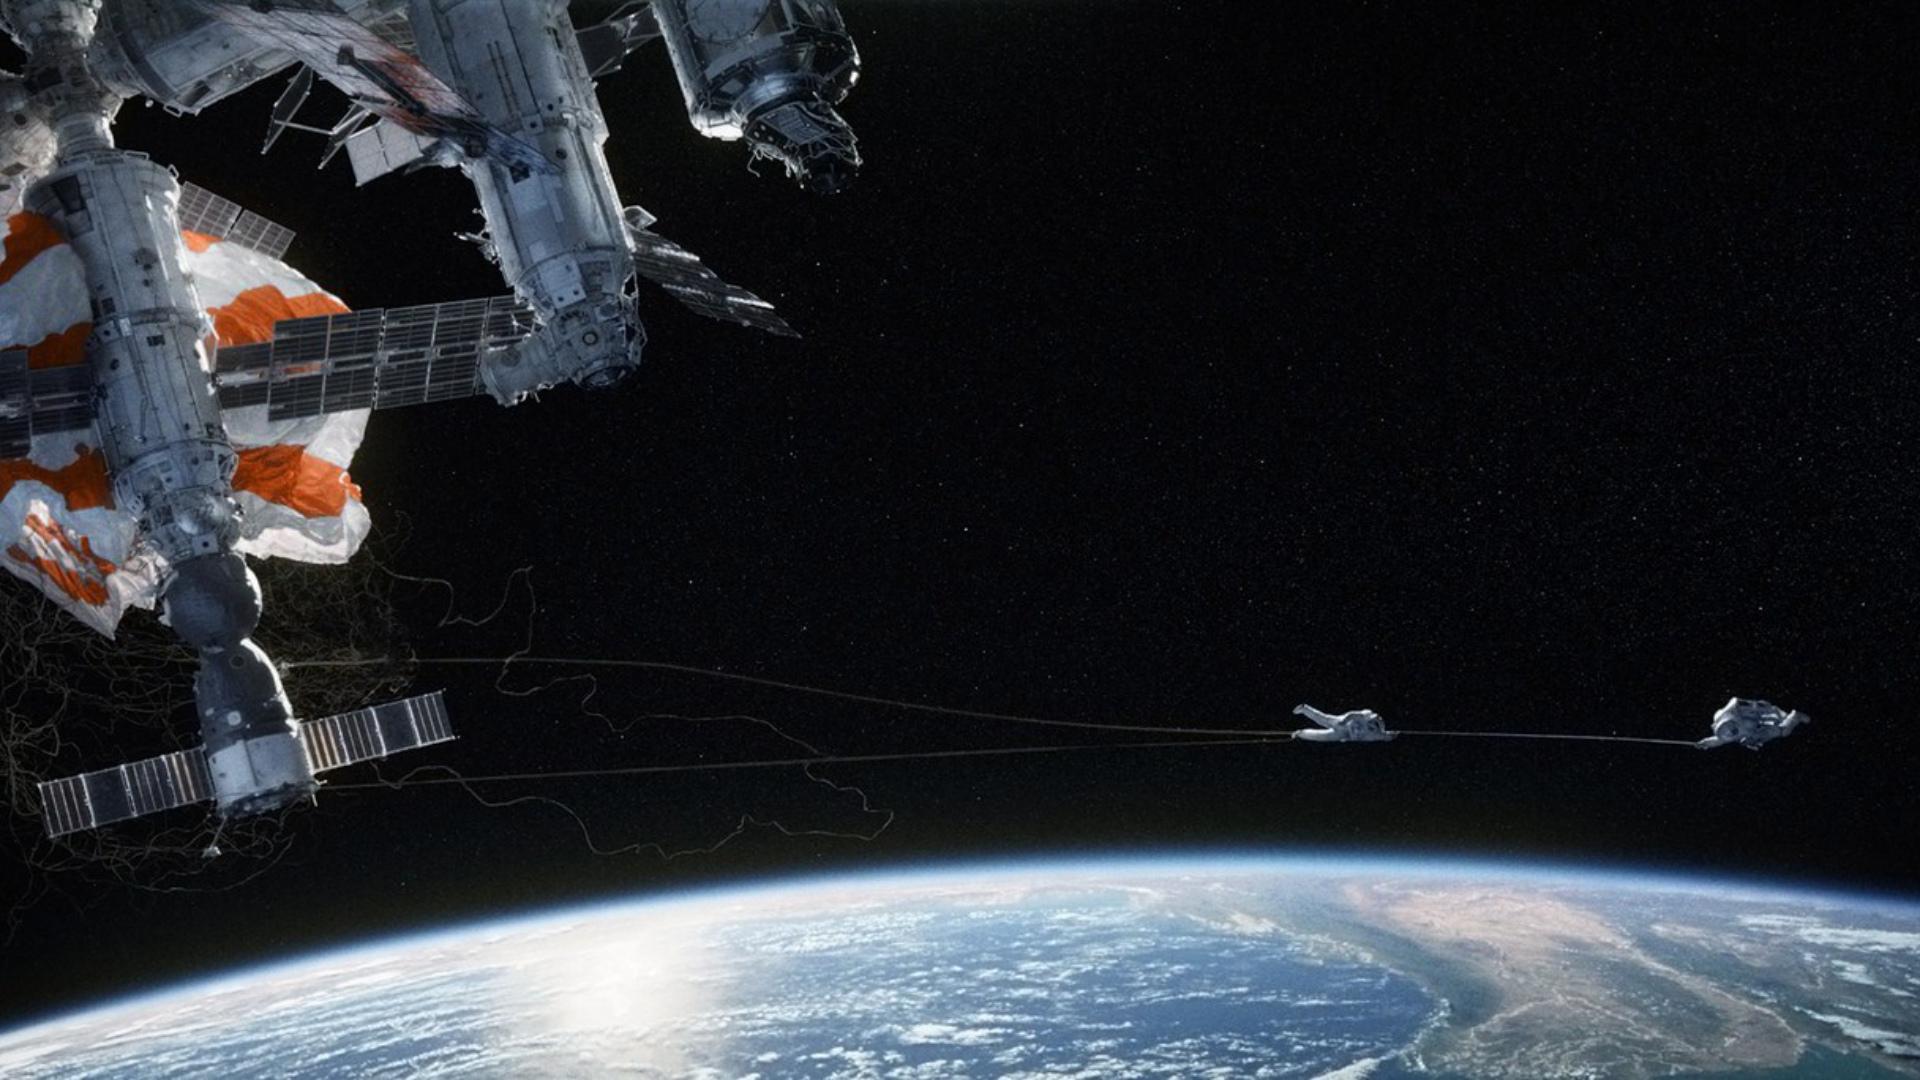 Si la gravité disparaissait, que se passerait-il ?